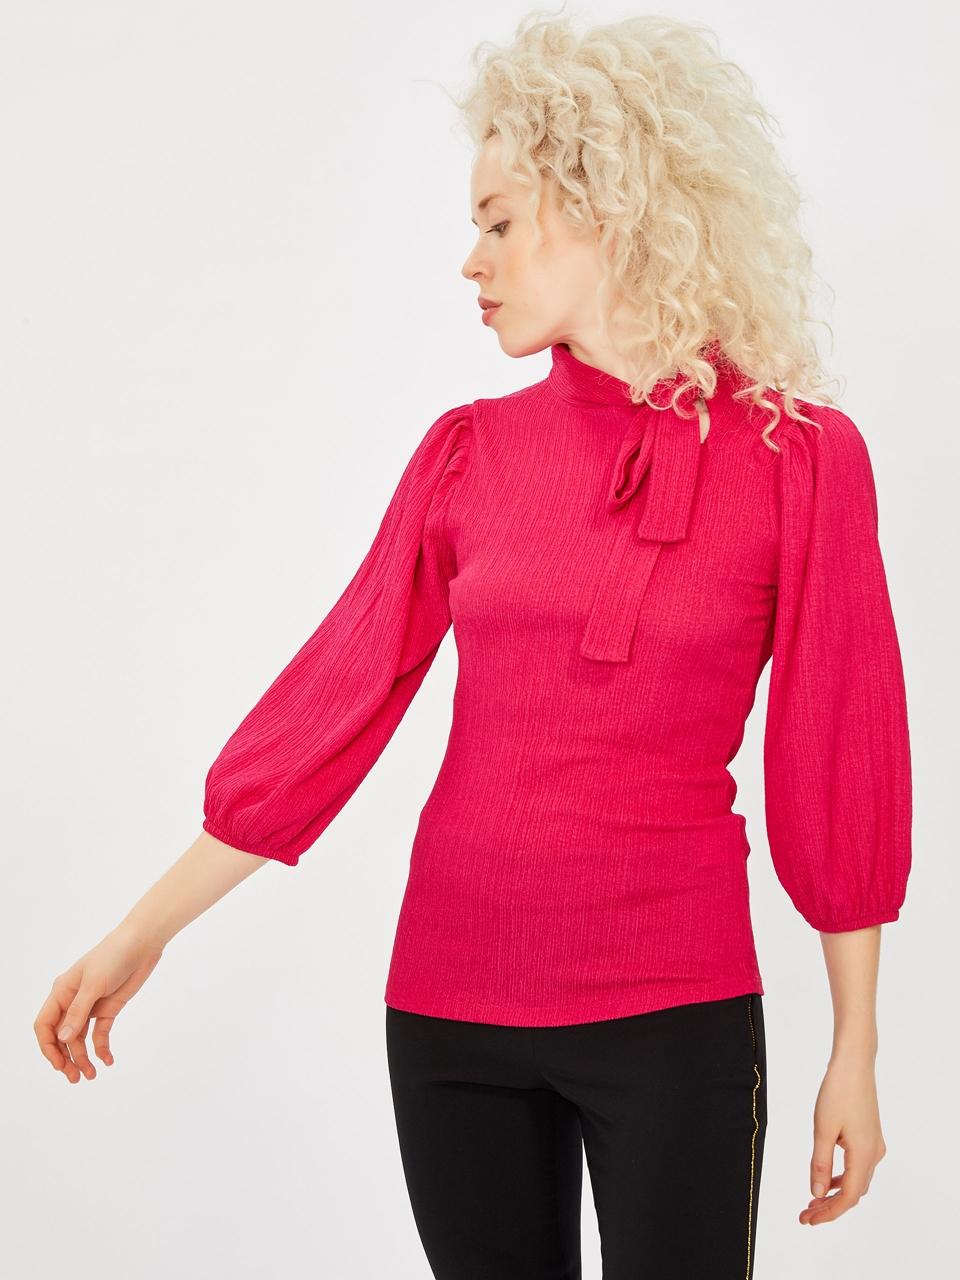 Collar Binding Detailed Blouse